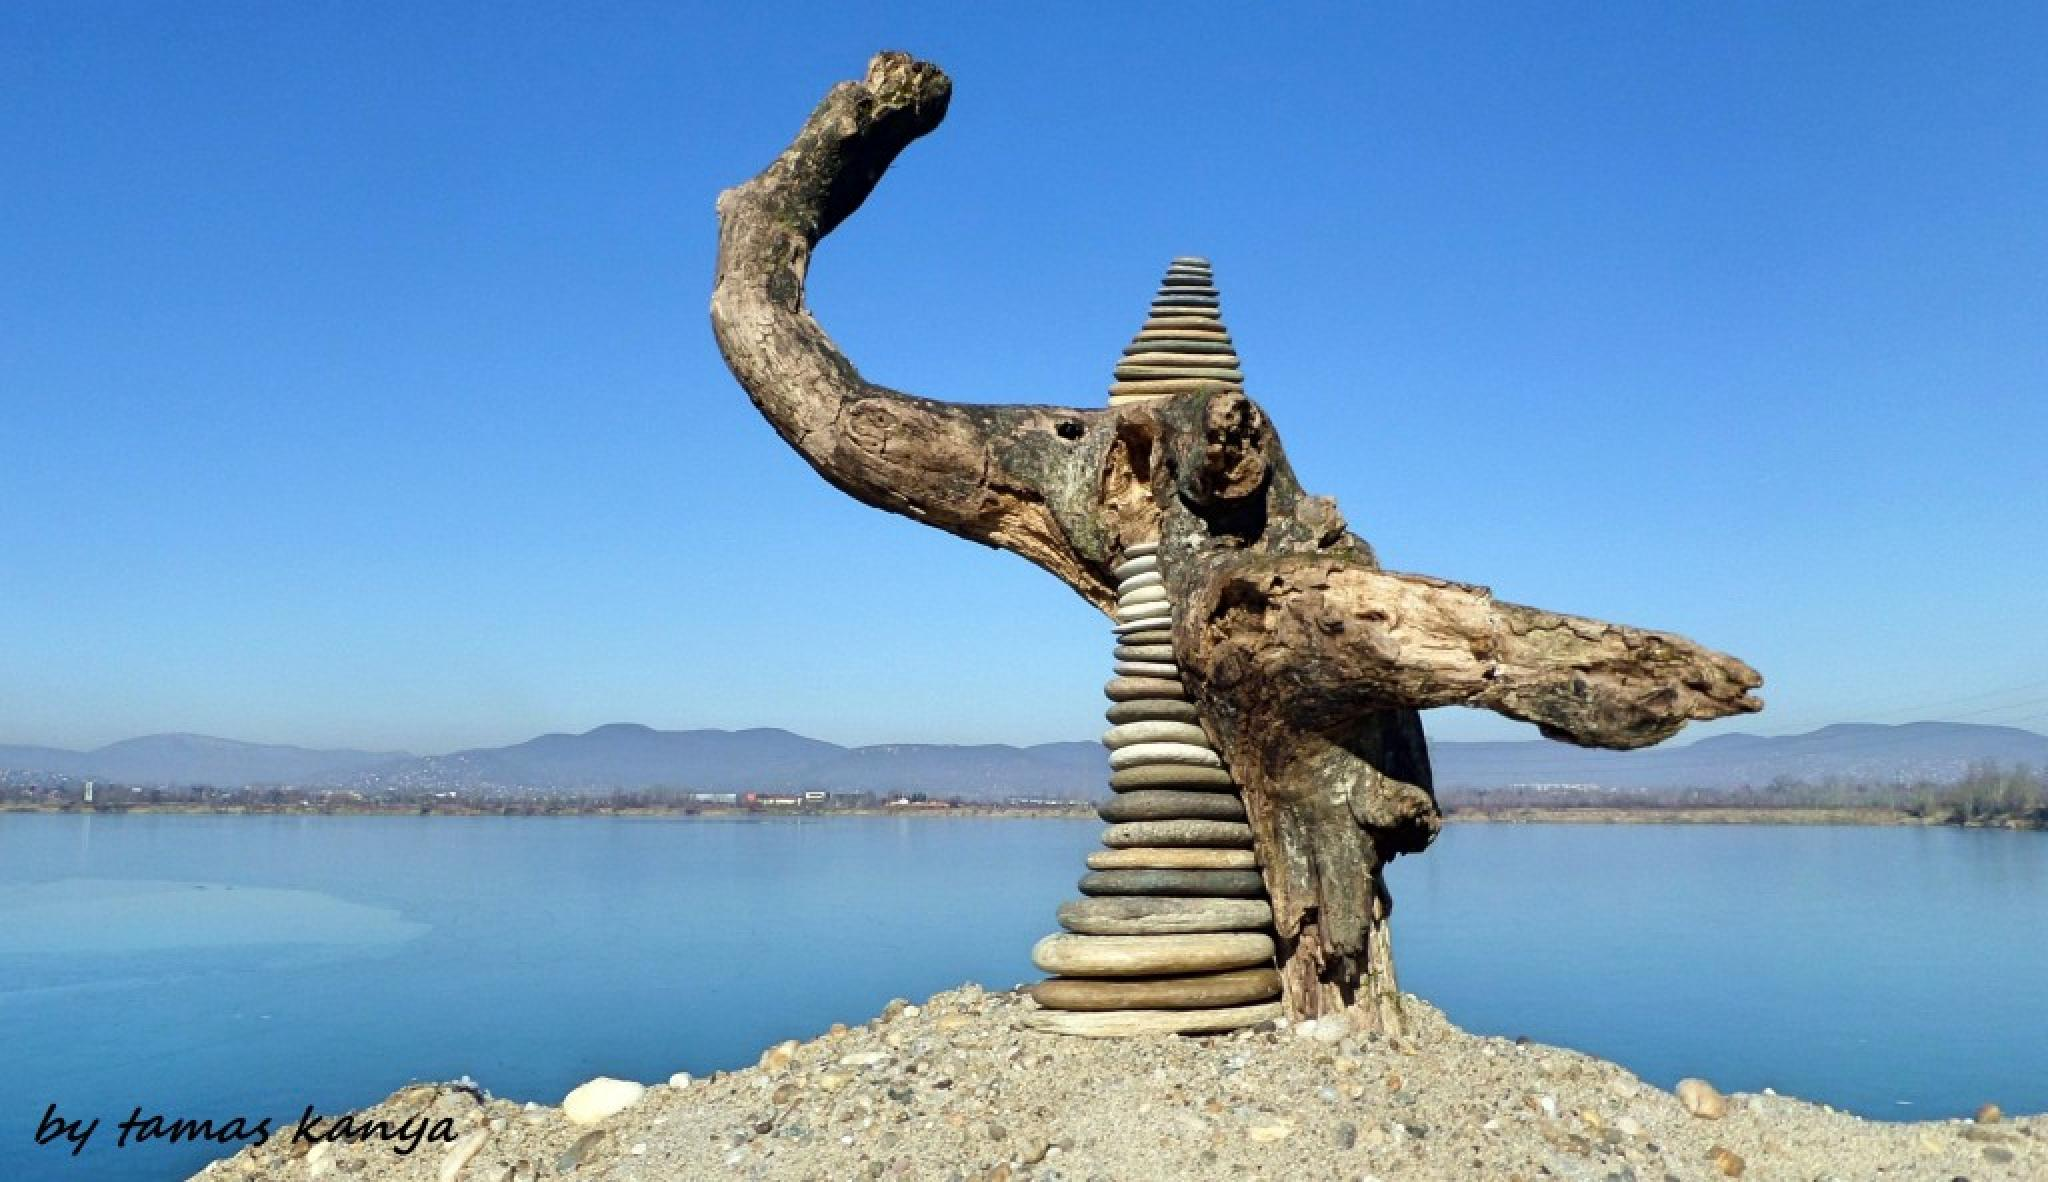 Driftwood art in Hungary by tamas kanya by Tamas Kanya